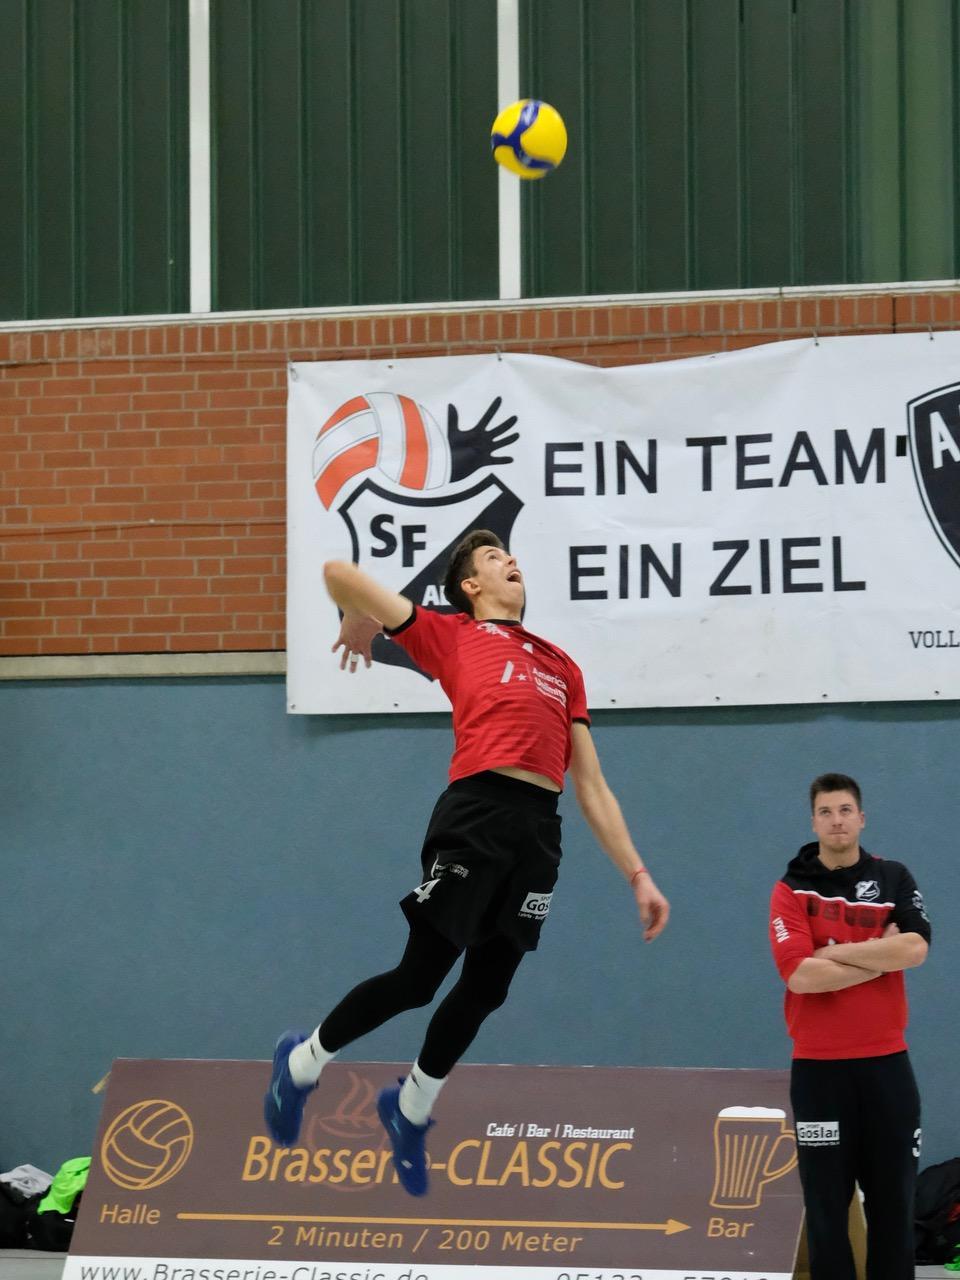 Doppelte Siegesfreude zum Jahresende – Aligser Volleyballteams gewinnen souverän